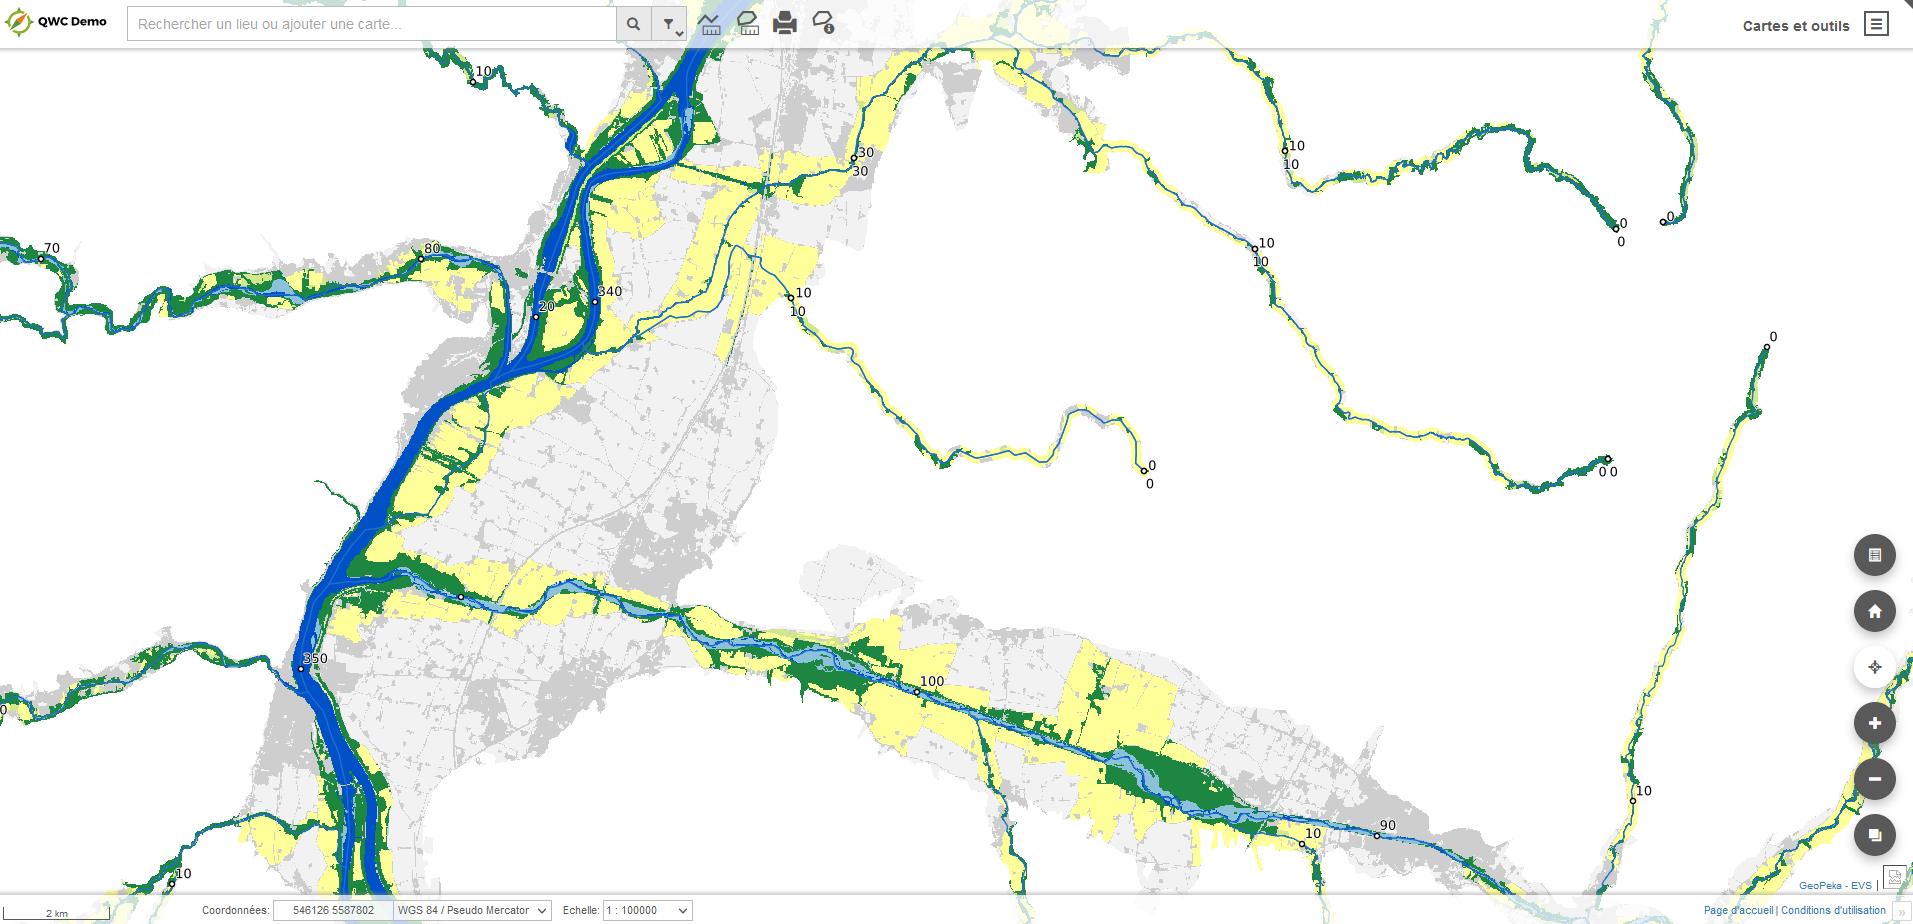 Extrait de la cartographie des EBF - GeoPeka